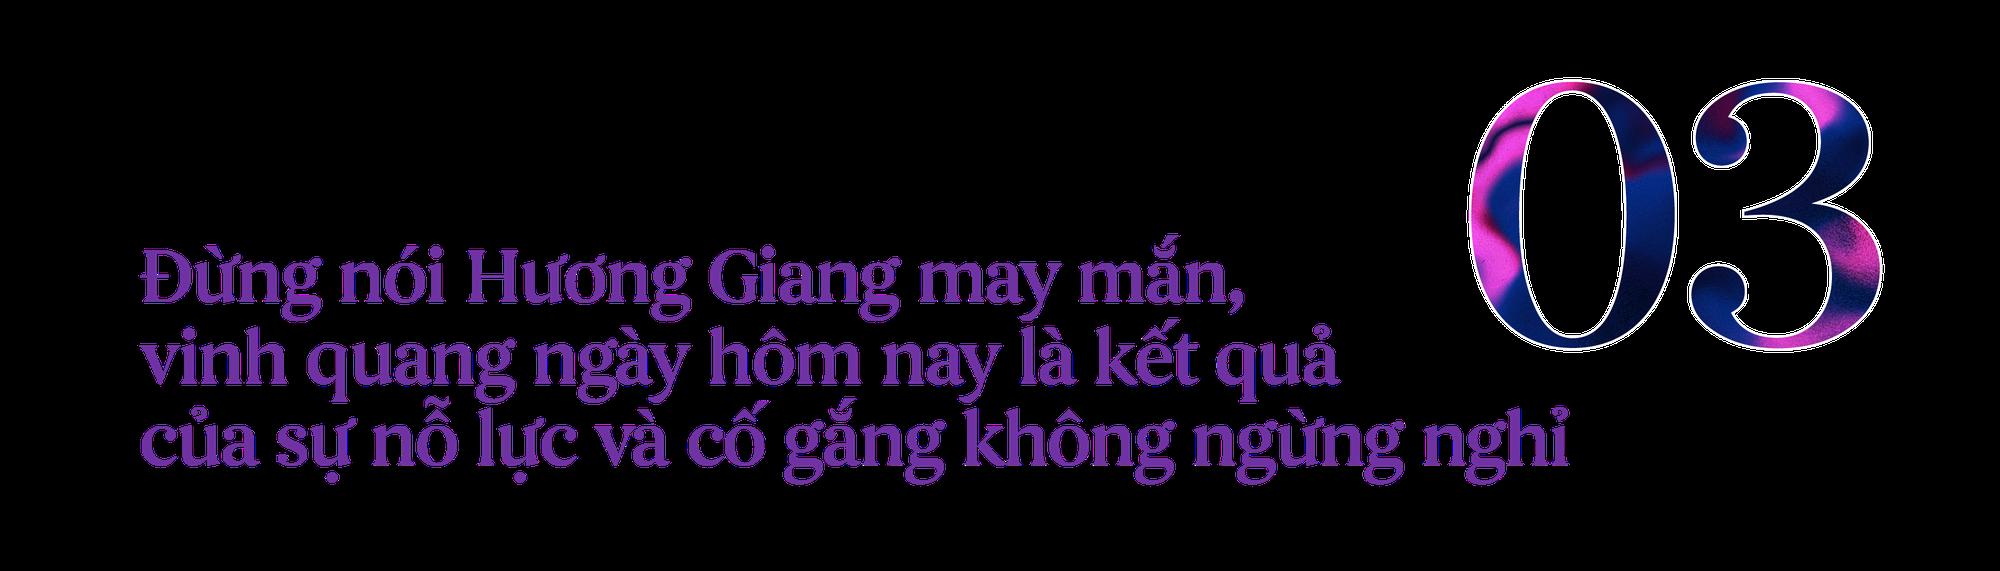 """Hoa hậu Hương Giang: """"Tôi tự hào với những điều bất công trong cuộc sống"""" - Ảnh 5."""